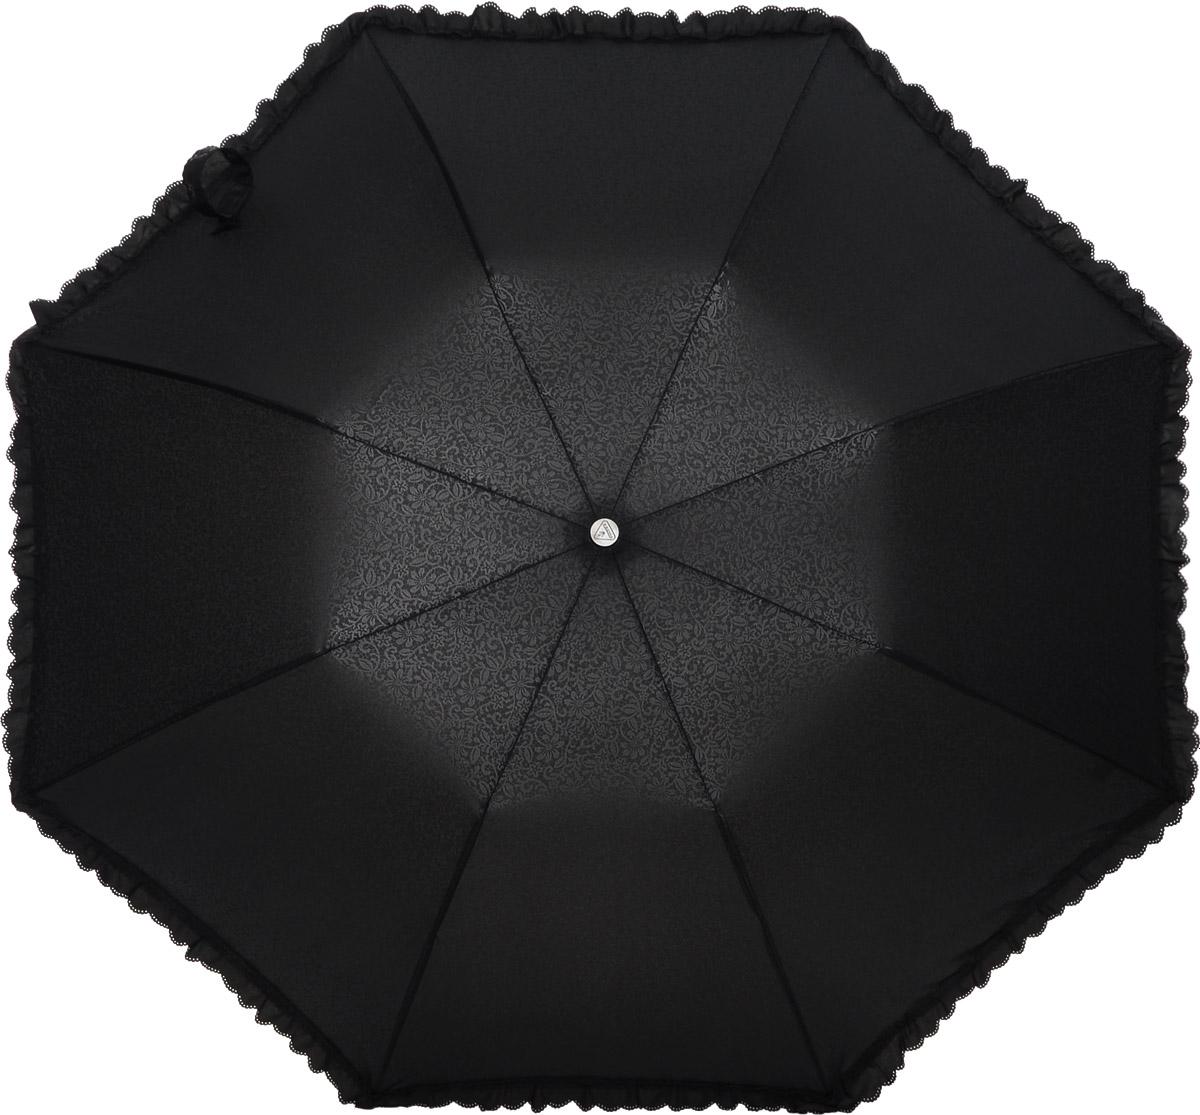 Зонт женский Fulton Contessa-2, механический, 2 сложения, цвет: черный. L731-2761REM12-CAM-GREENBLACKСтильный механический зонт Fulton Contessa-2 в 2 сложения даже в ненастную погоду позволит вам оставаться элегантной. Облегченный каркас зонта выполнен из 8 стальных спиц, стержень также изготовлен из стали, удобная рукоятка - из пластика, обтянутого натуральной кожей. Купол зонта выполнен из прочного полиэстера и оформлен изящным принтом и по краю декорирован оборкой. В закрытом виде застегивается хлястиком на липучку. Зонт механического сложения: купол открывается и закрывается вручную до характерного щелчка. К зонту прилагается чехол на кнопке.Такой зонт станет прекрасным аксессуаром для любой модницы.